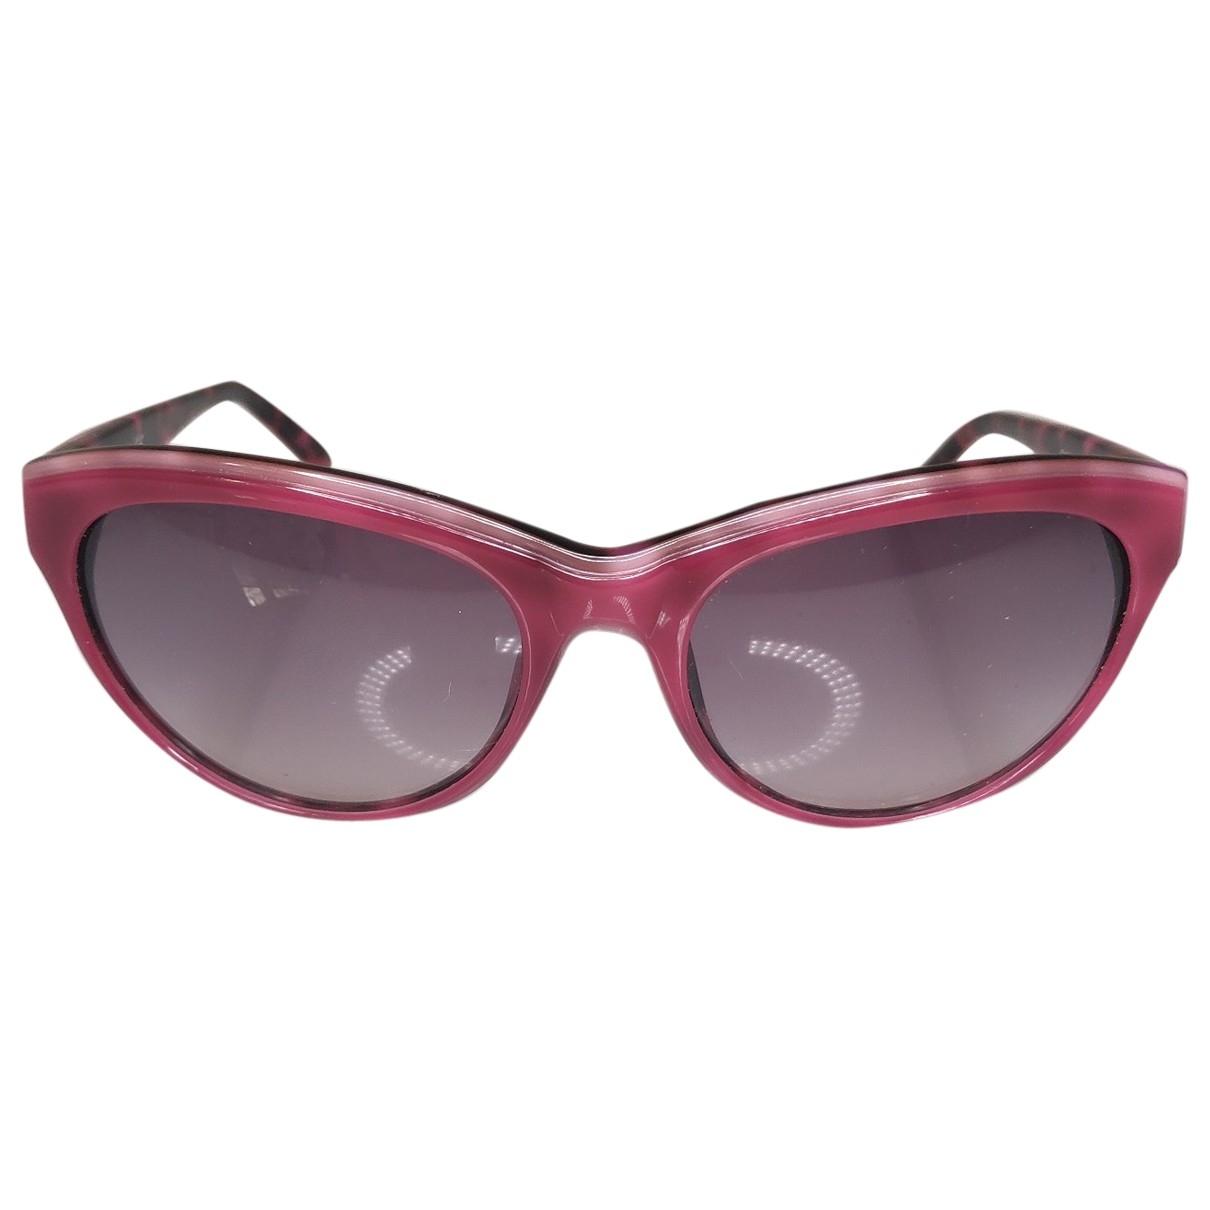 Just Cavalli - Lunettes   pour femme - rose